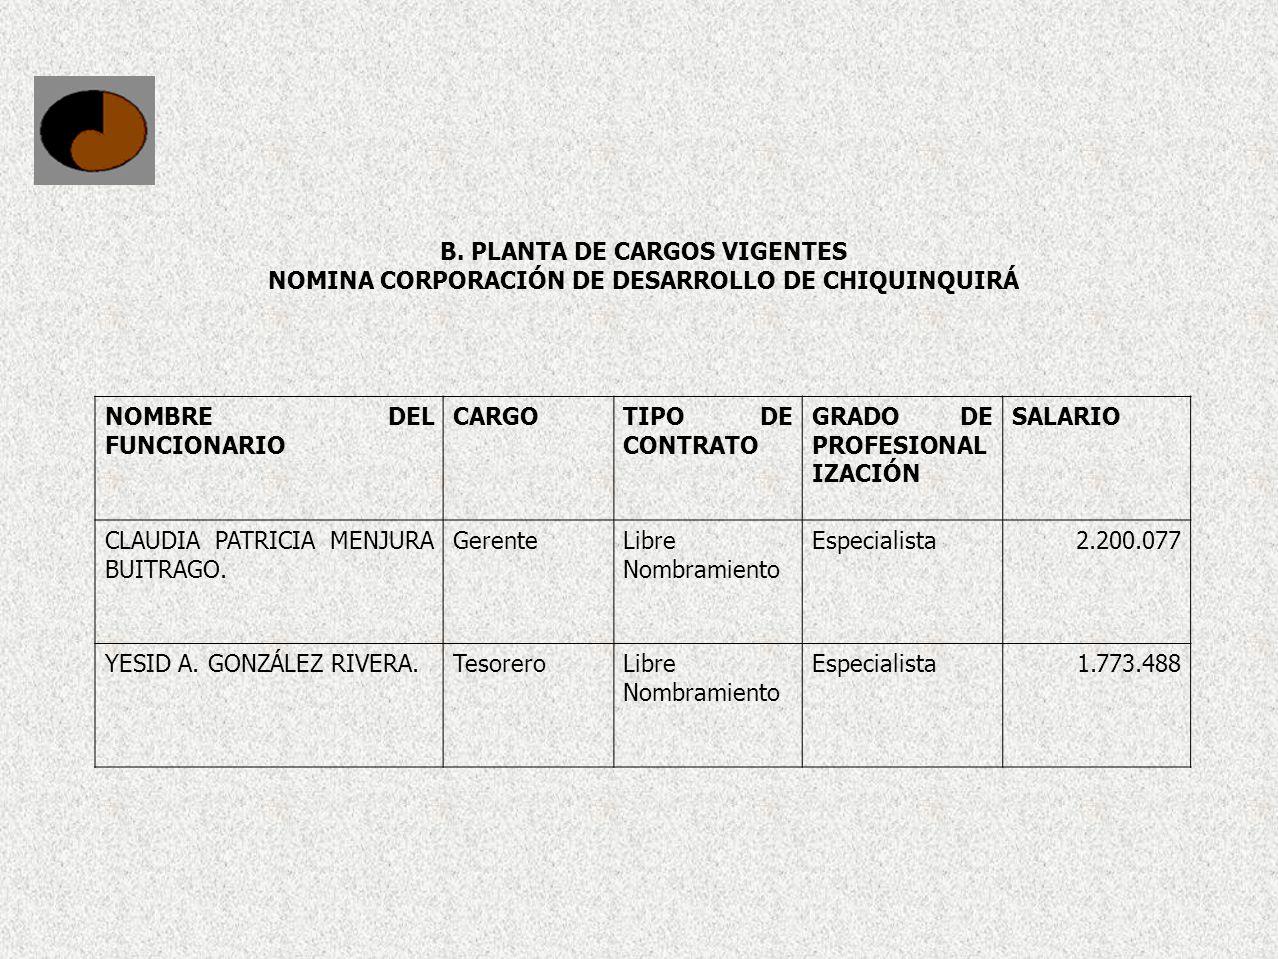 B. PLANTA DE CARGOS VIGENTES NOMINA CORPORACIÓN DE DESARROLLO DE CHIQUINQUIRÁ NOMBRE DEL FUNCIONARIO CARGOTIPO DE CONTRATO GRADO DE PROFESIONAL IZACIÓ